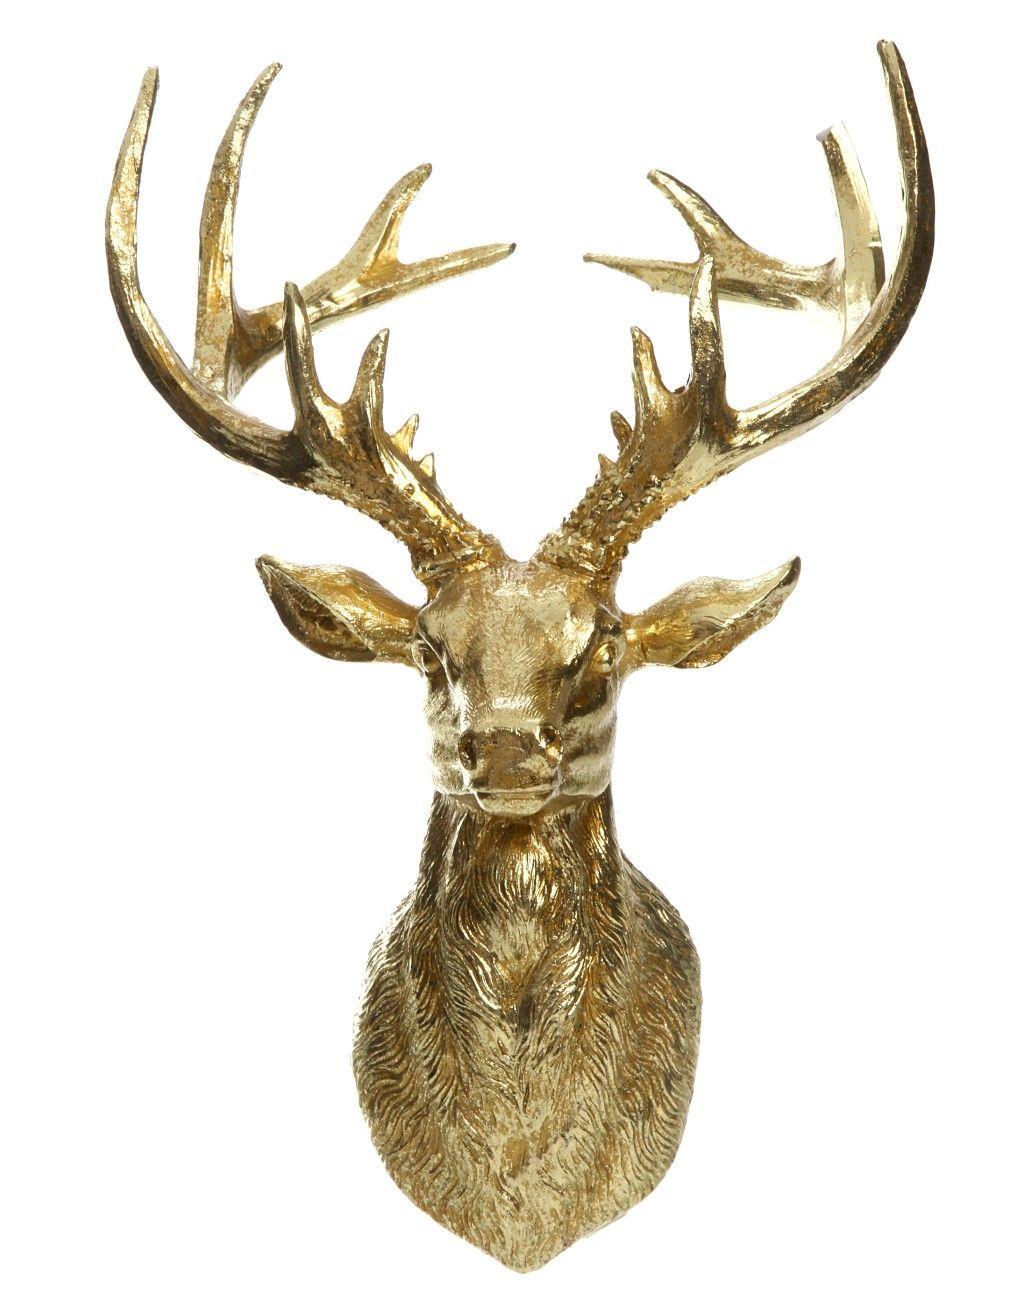 Elegant Imposante Dekoration Rustikale Atmosph re mit Gold berzug Der stylishe Hirschkopf bringt eine ausgefallene Note in Ihre